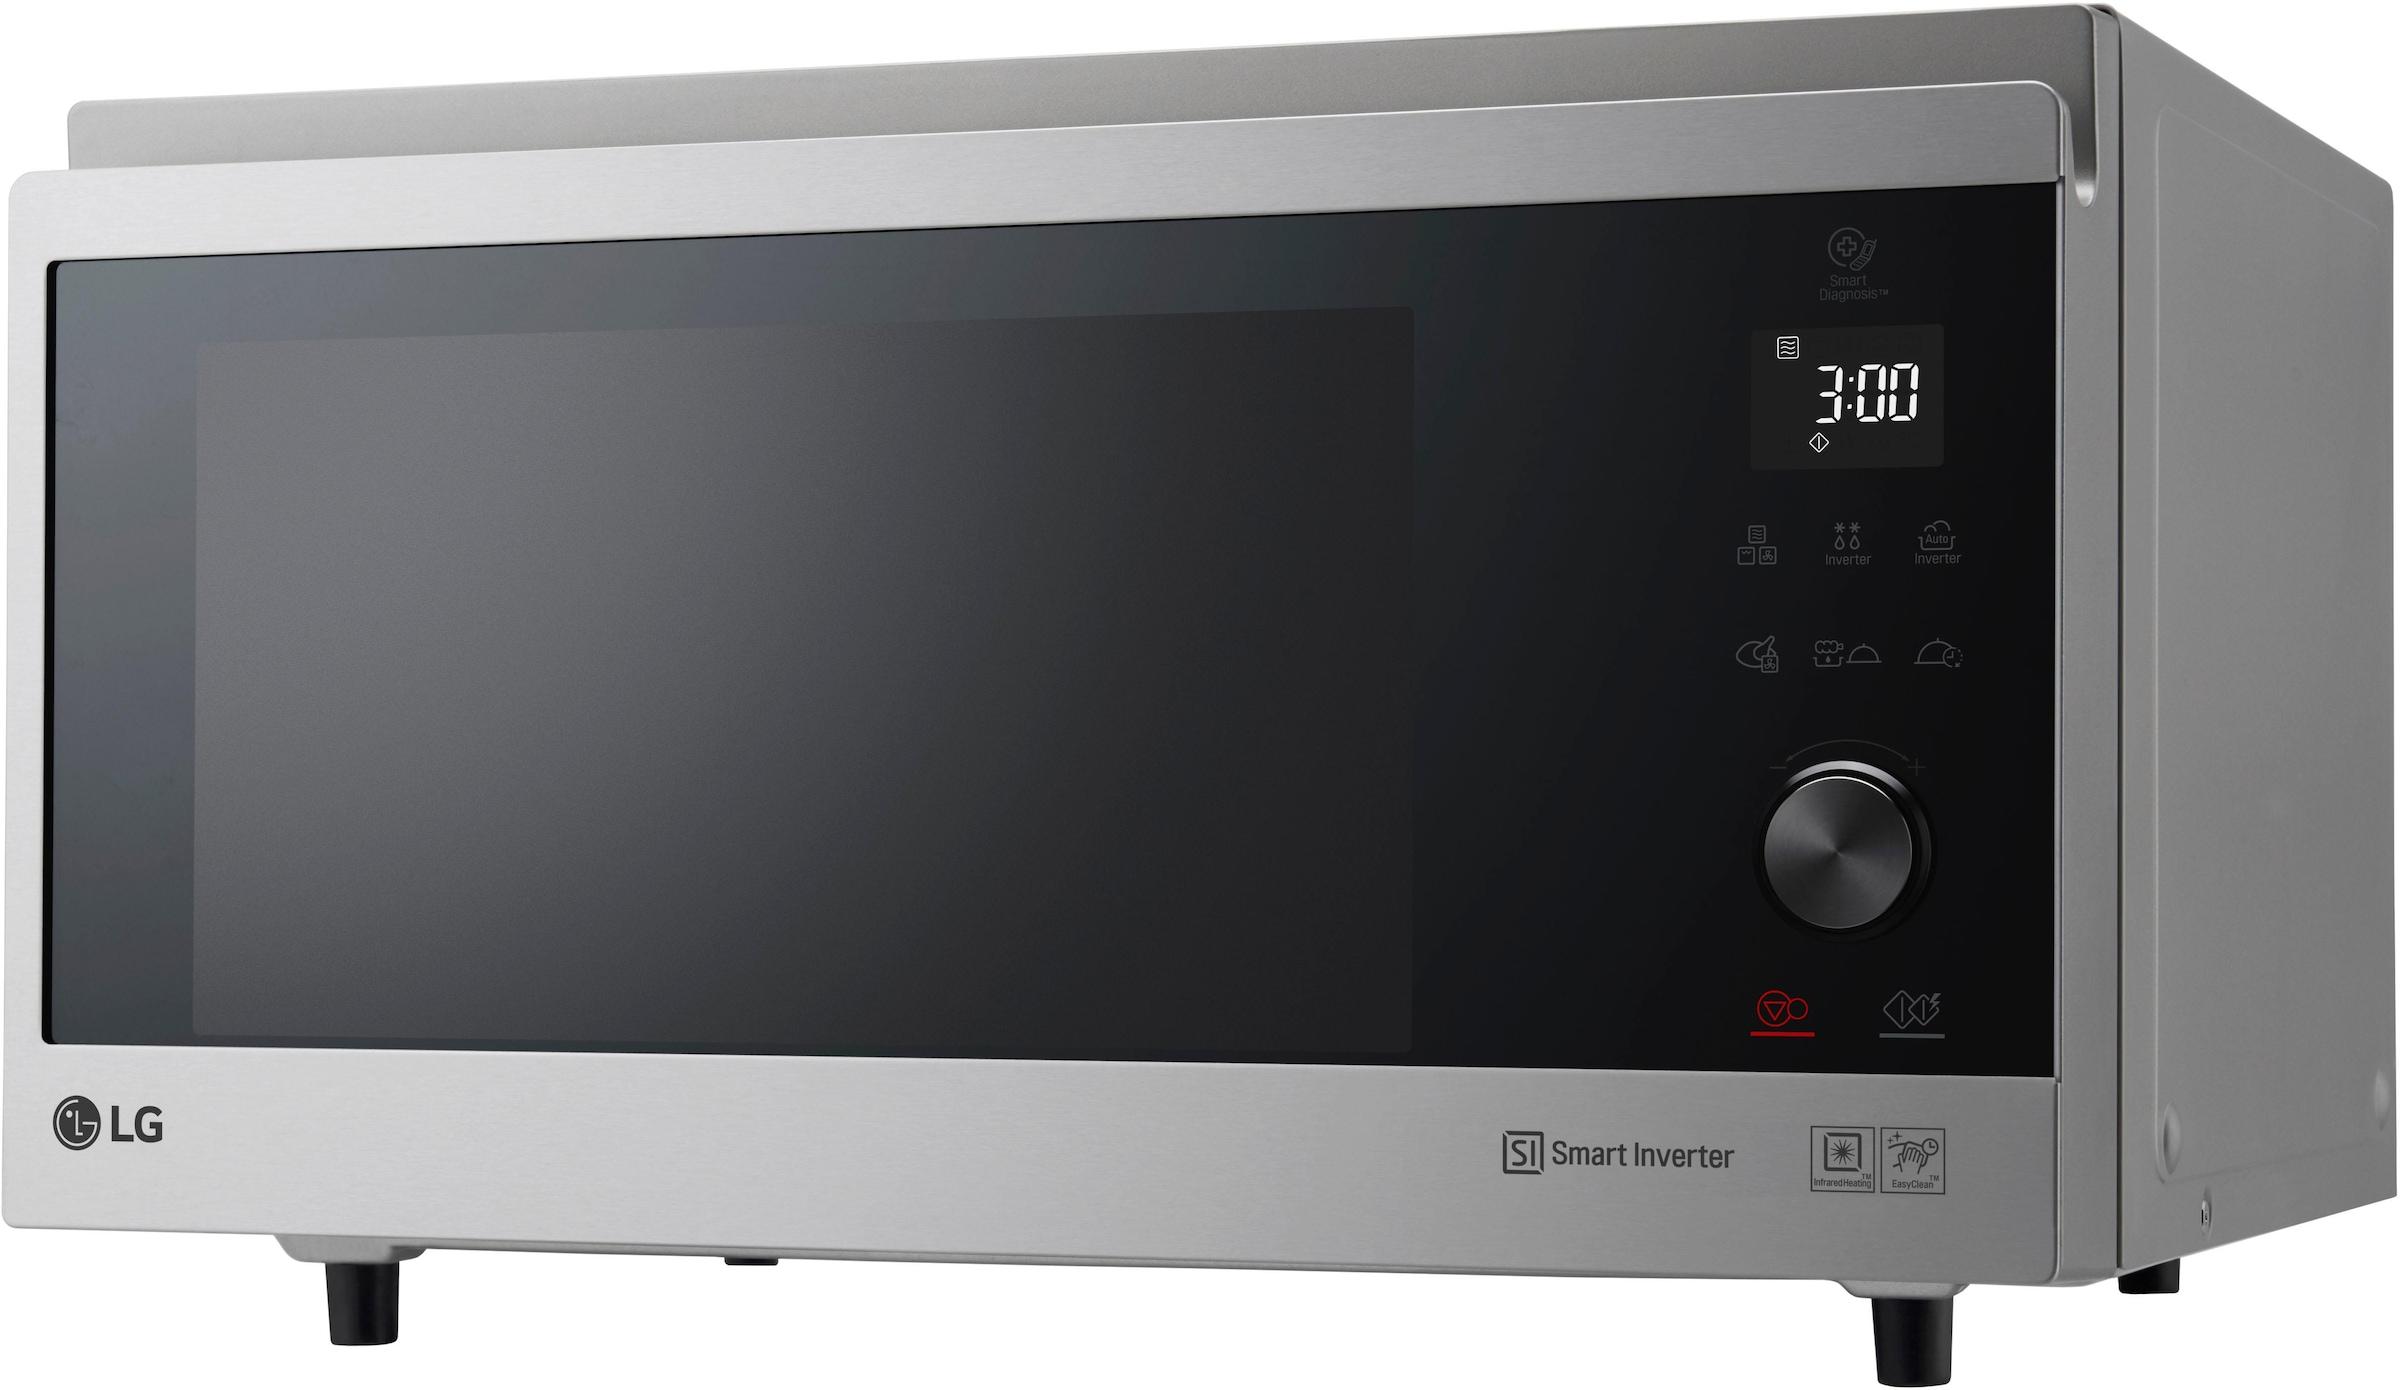 Mikrowellenherde online günstig kaufen über shop24.at | shop24